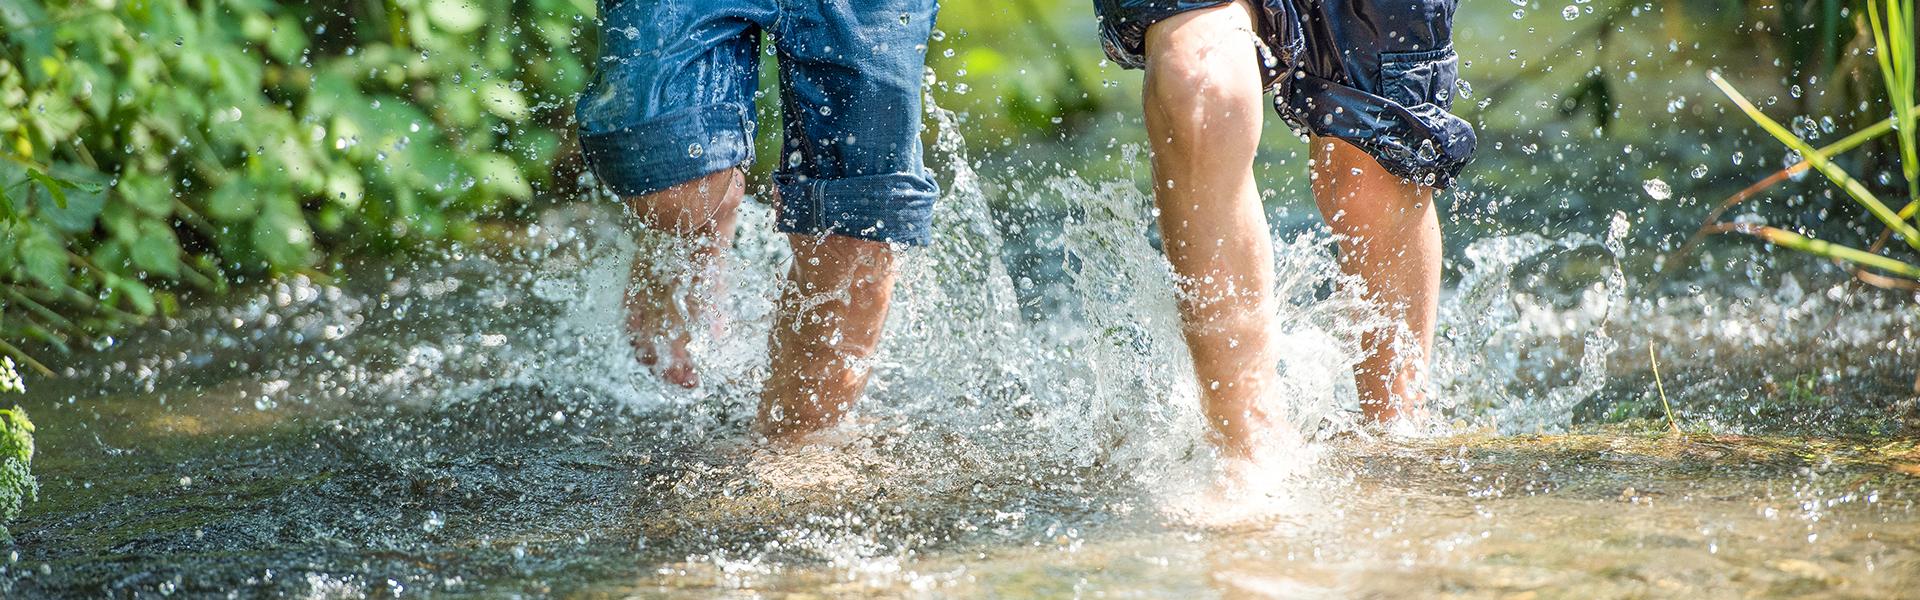 Kinder rennen durch klares Wasser eines Bachs